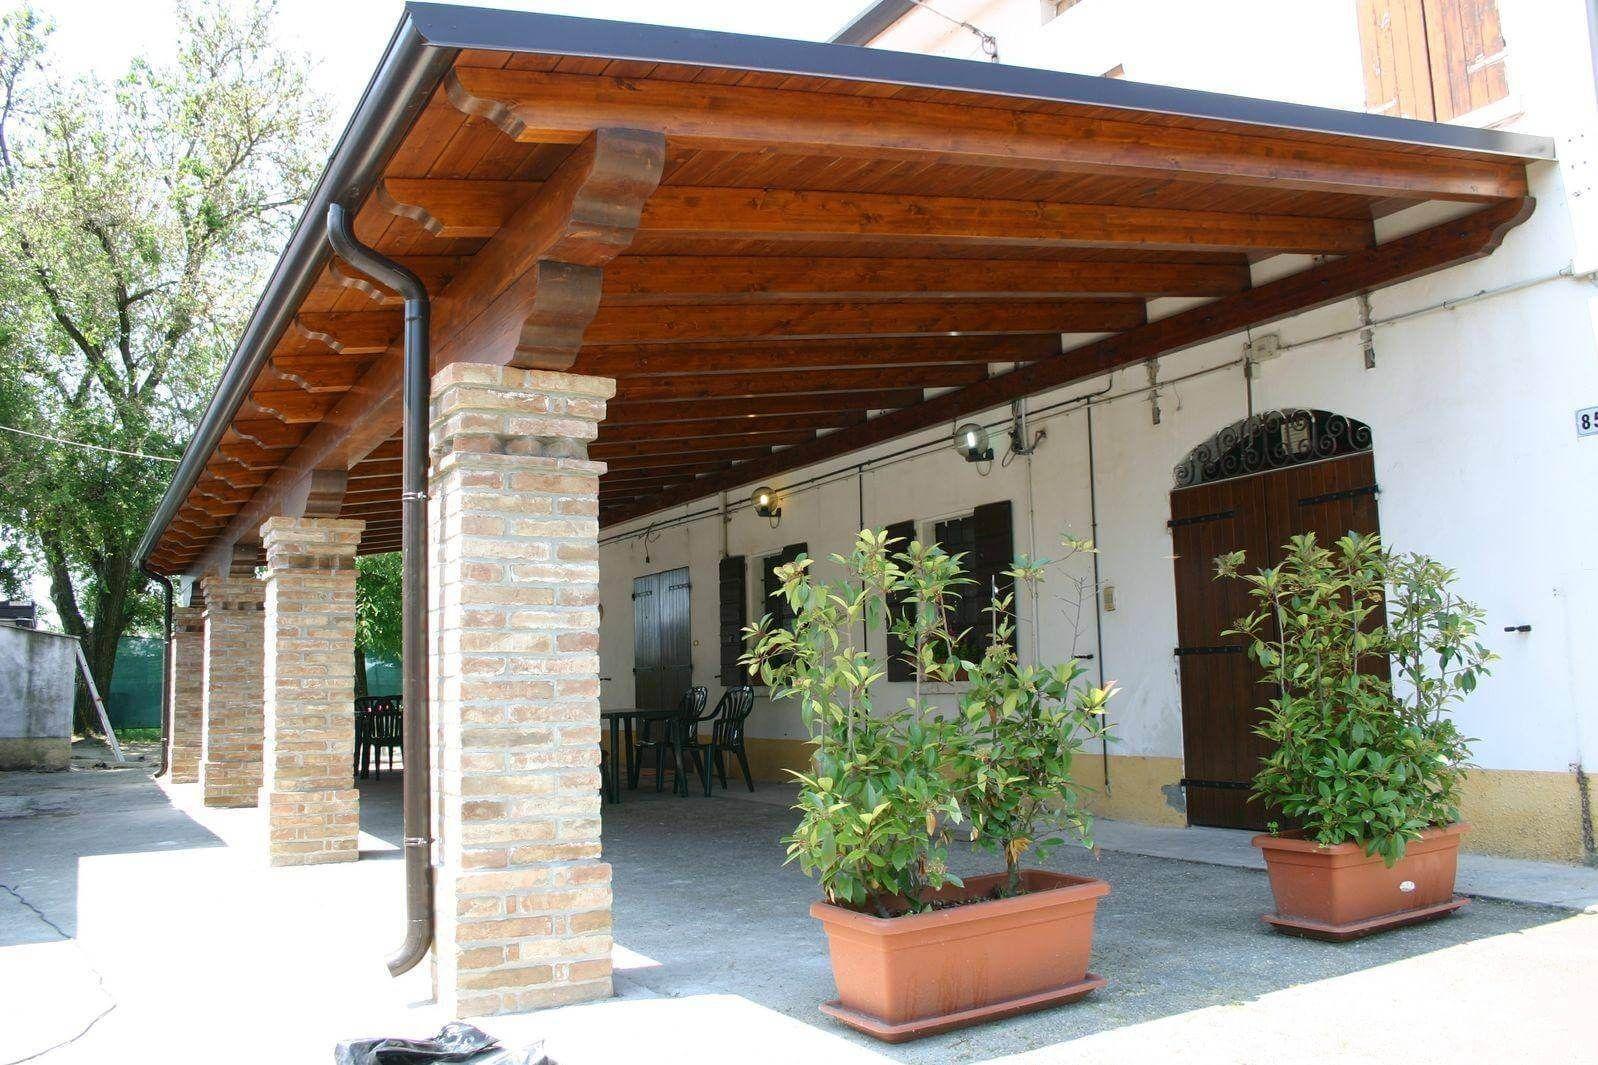 Pergolati In Legno Senza Permessi permessi edili per tettoie e pensiline: cosa è cambiato